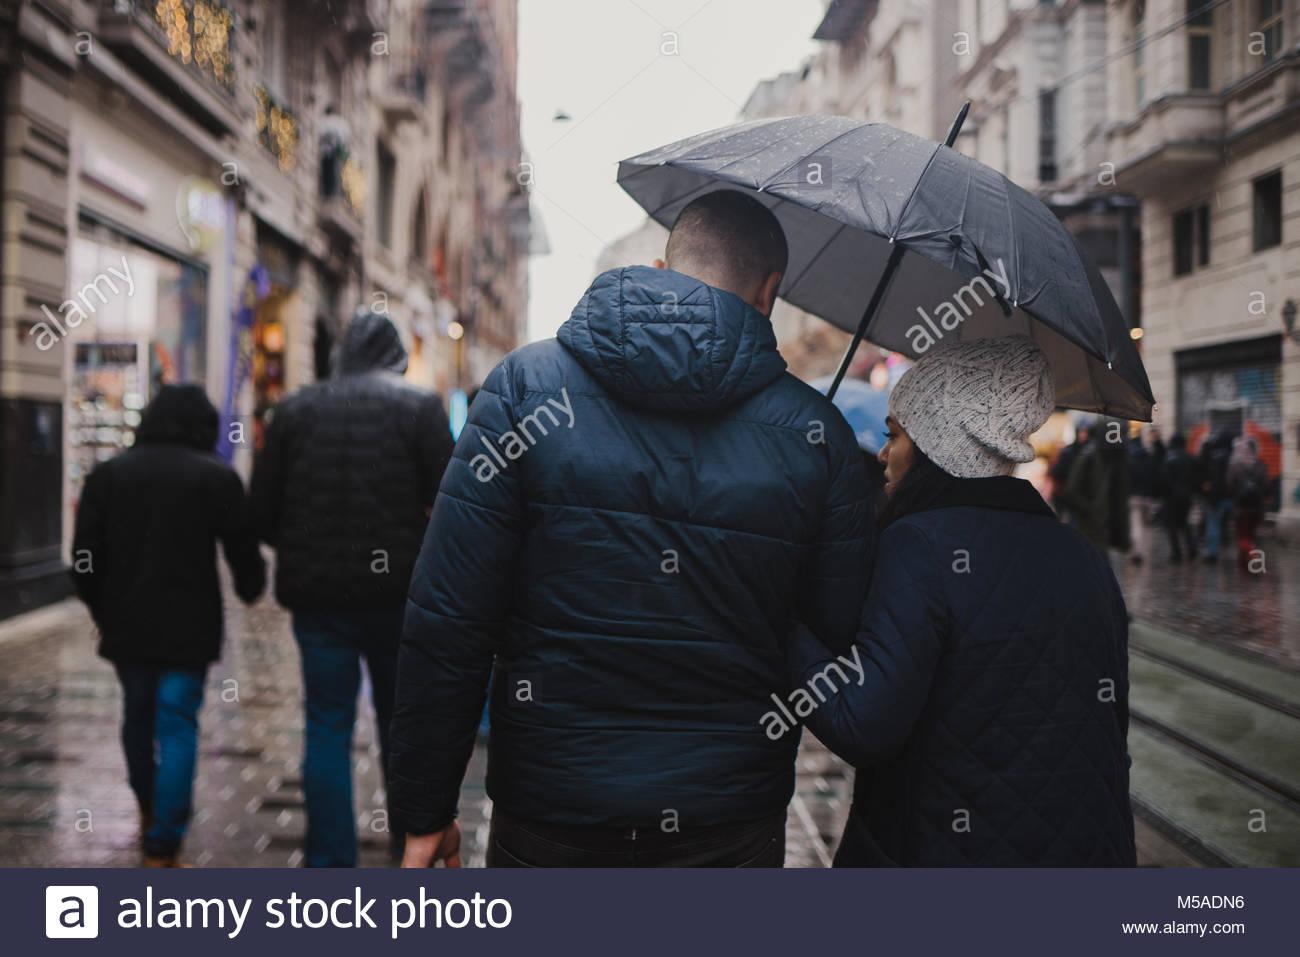 Estambul, Turquía - El 14 de febrero de 2018: encantadora pareja caminando con amor en las calles de Estambul Imagen De Stock